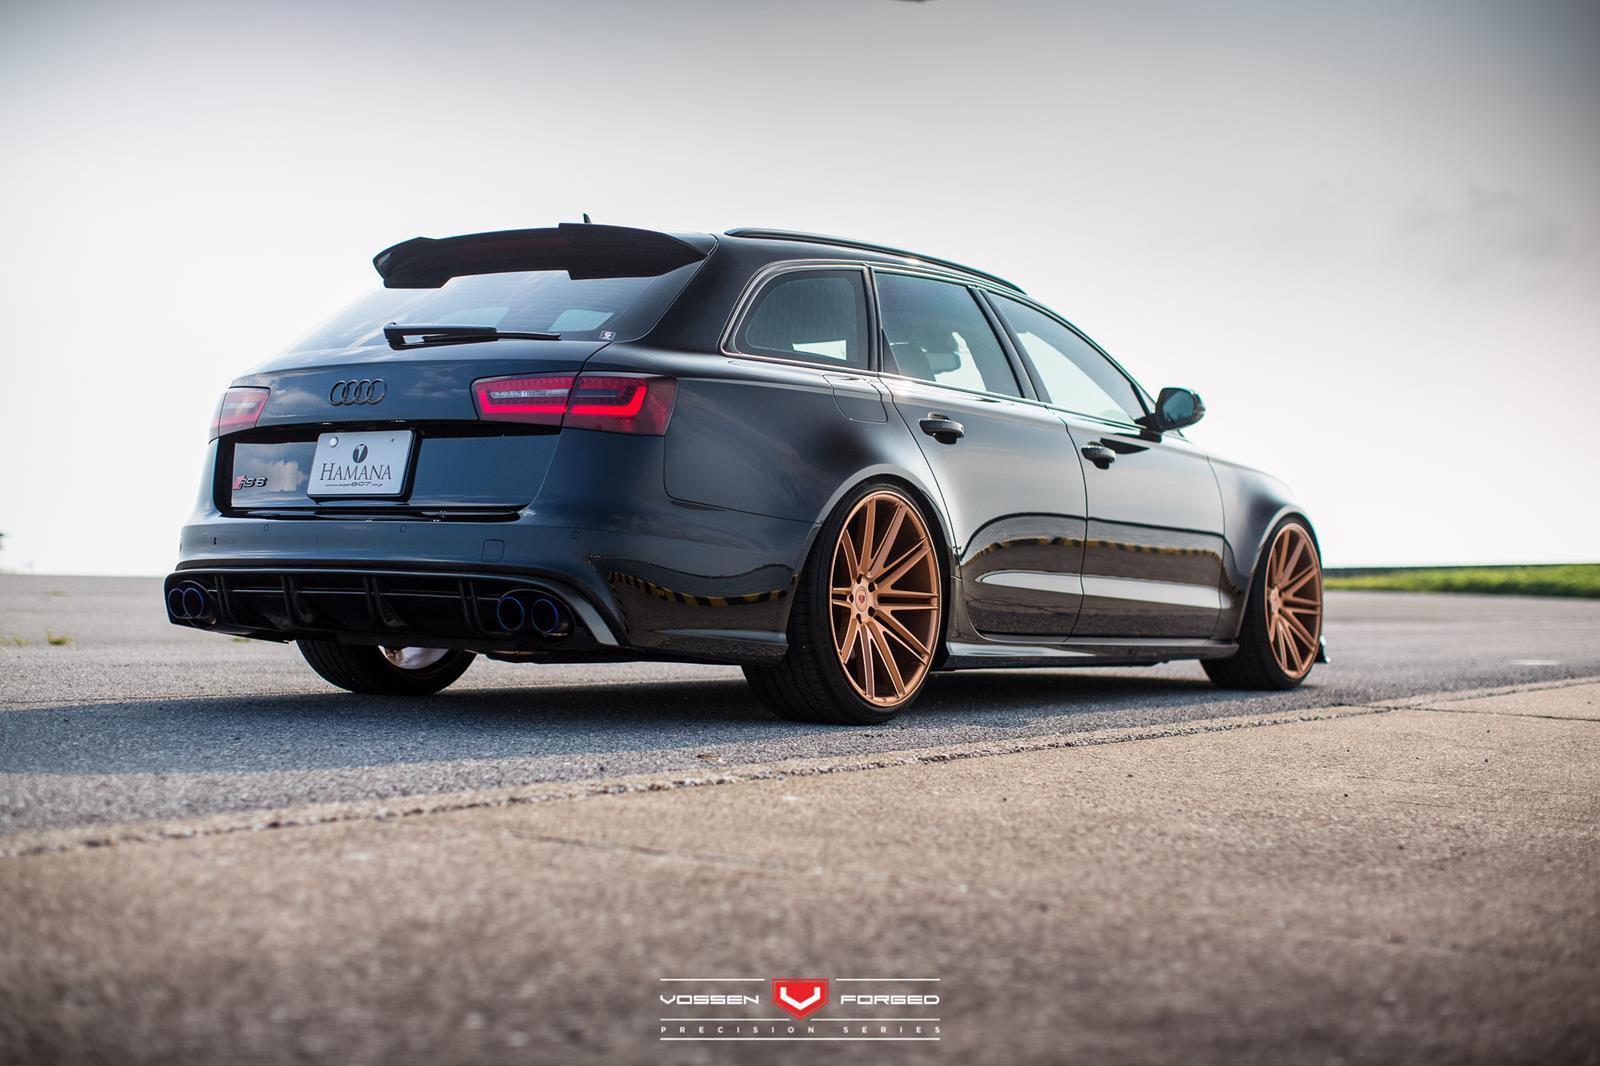 Felgen Audi Vossen on audi turbo, audi exhaust, audi seat, audi motor, audi auto, audi coupe,